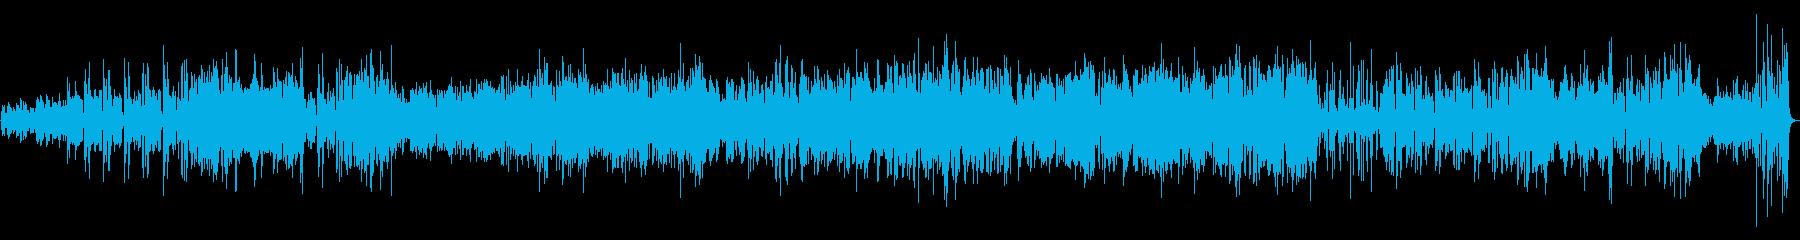 ジャズ センチメンタル サスペンス...の再生済みの波形